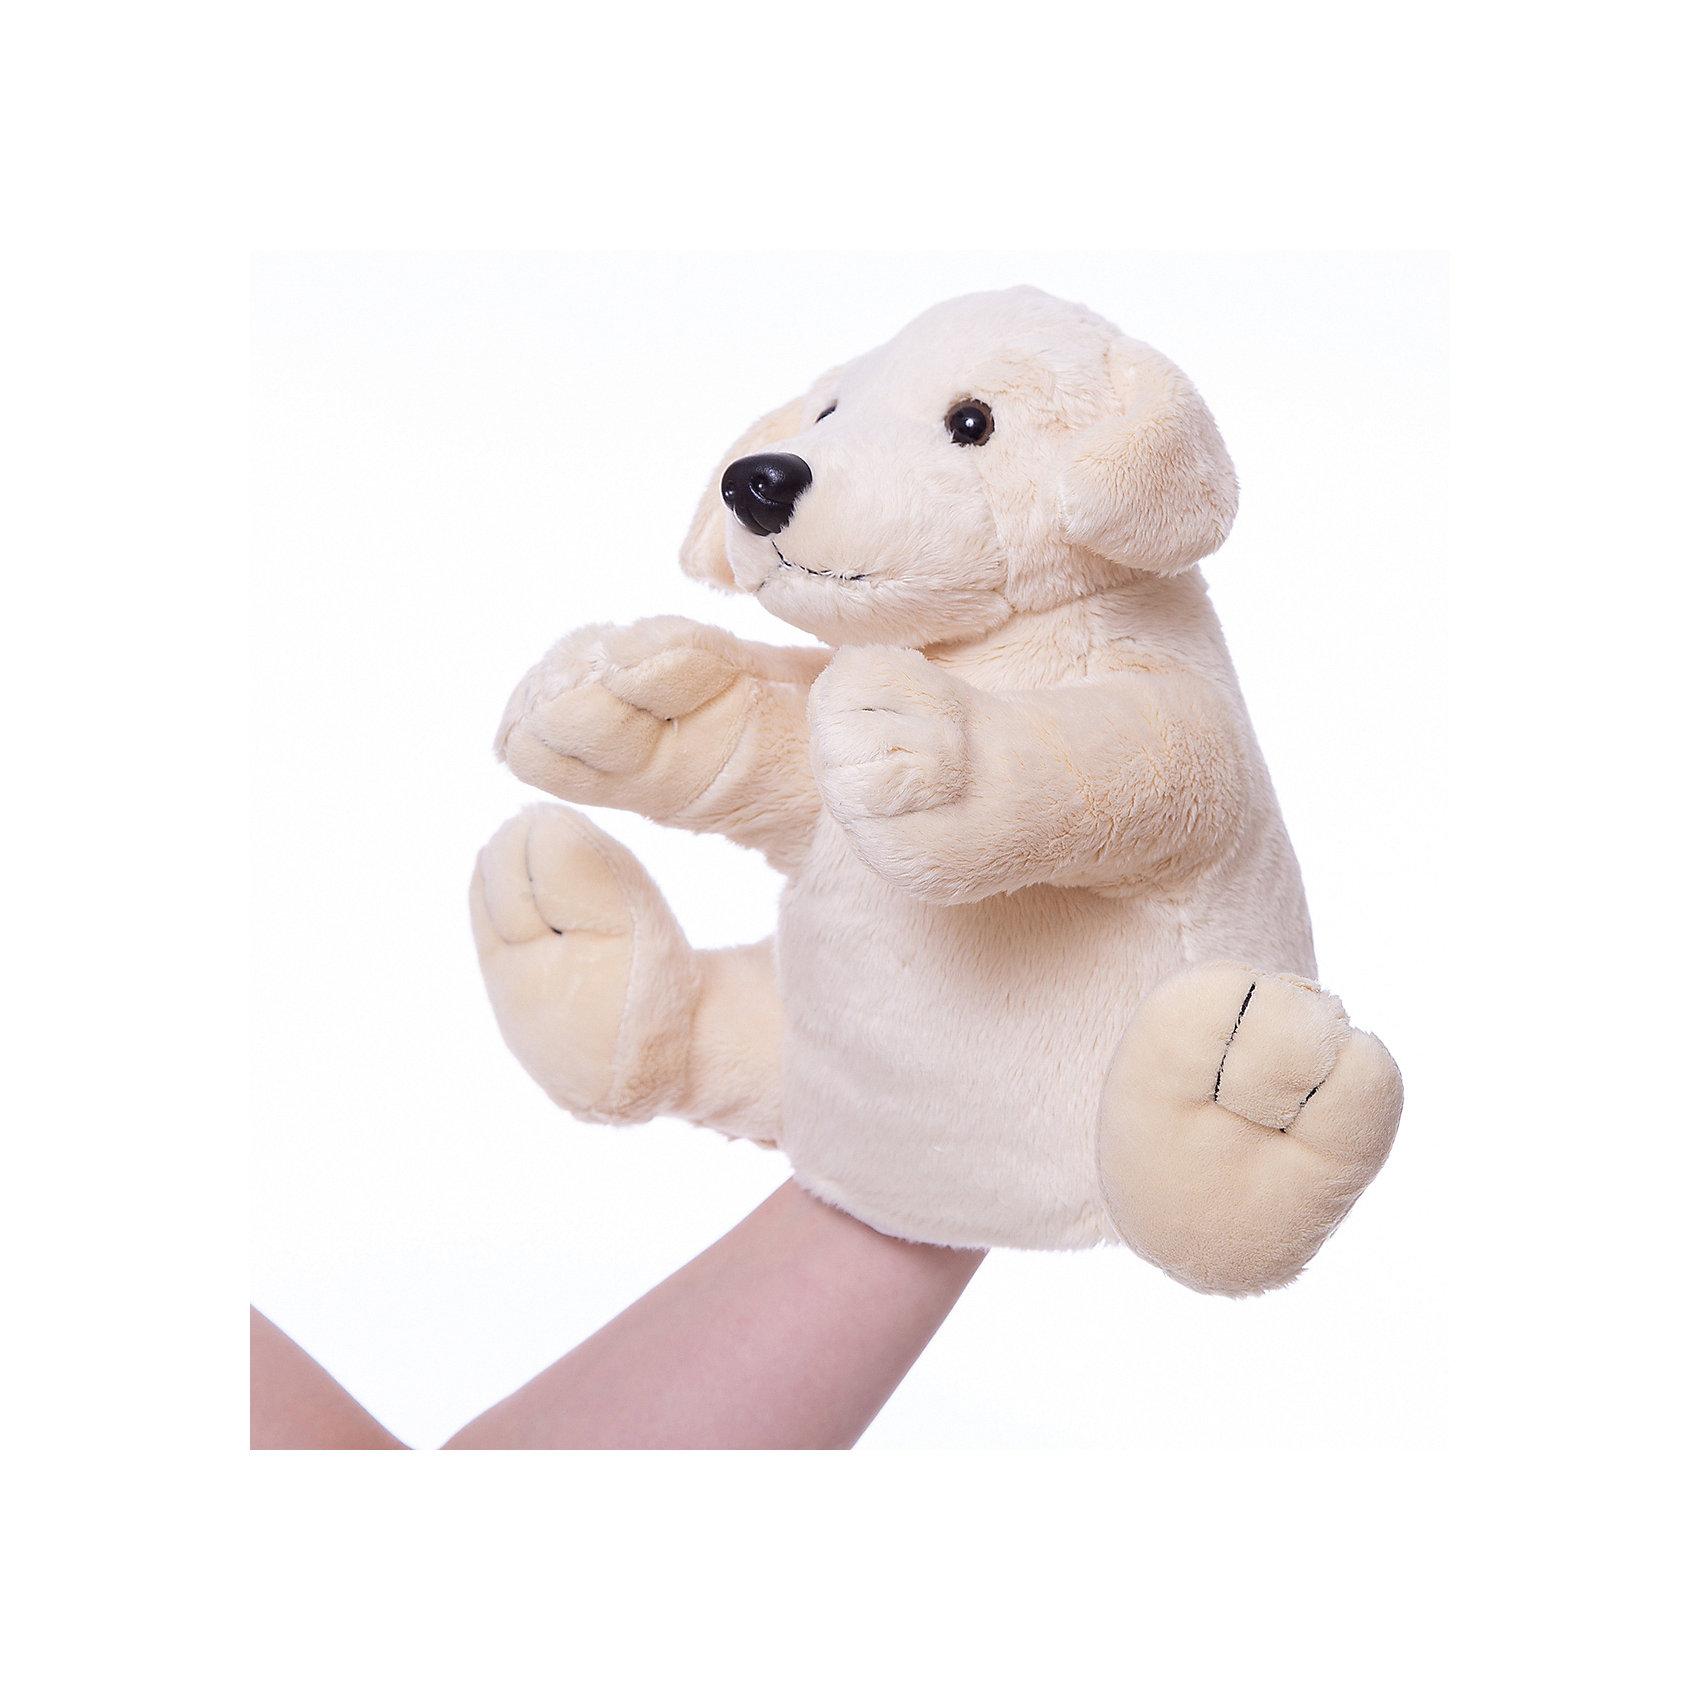 Gulliver Рукавичка-собакаМягкая игрушка рукавичка-собака.<br><br>Собачка сделана в виде рукавички одевающейся на руку, что позволяет волшебным образом превратить неподвижную и неразговорчивую игрушку, в настоящего домашнего питомца, который к тому же может поговорить или рассказать сказку. Кроме того можно устроить настоящее домашнее кукольное представление с участием различных животных из этой серии. <br><br>Дополнительная информация:<br><br>Размер: 27 см. <br><br>Рукавичка-собачка обязательно порадует Вашего малыша!<br><br>Ширина мм: 100<br>Глубина мм: 150<br>Высота мм: 270<br>Вес г: 50<br>Возраст от месяцев: 36<br>Возраст до месяцев: 84<br>Пол: Унисекс<br>Возраст: Детский<br>SKU: 2148686